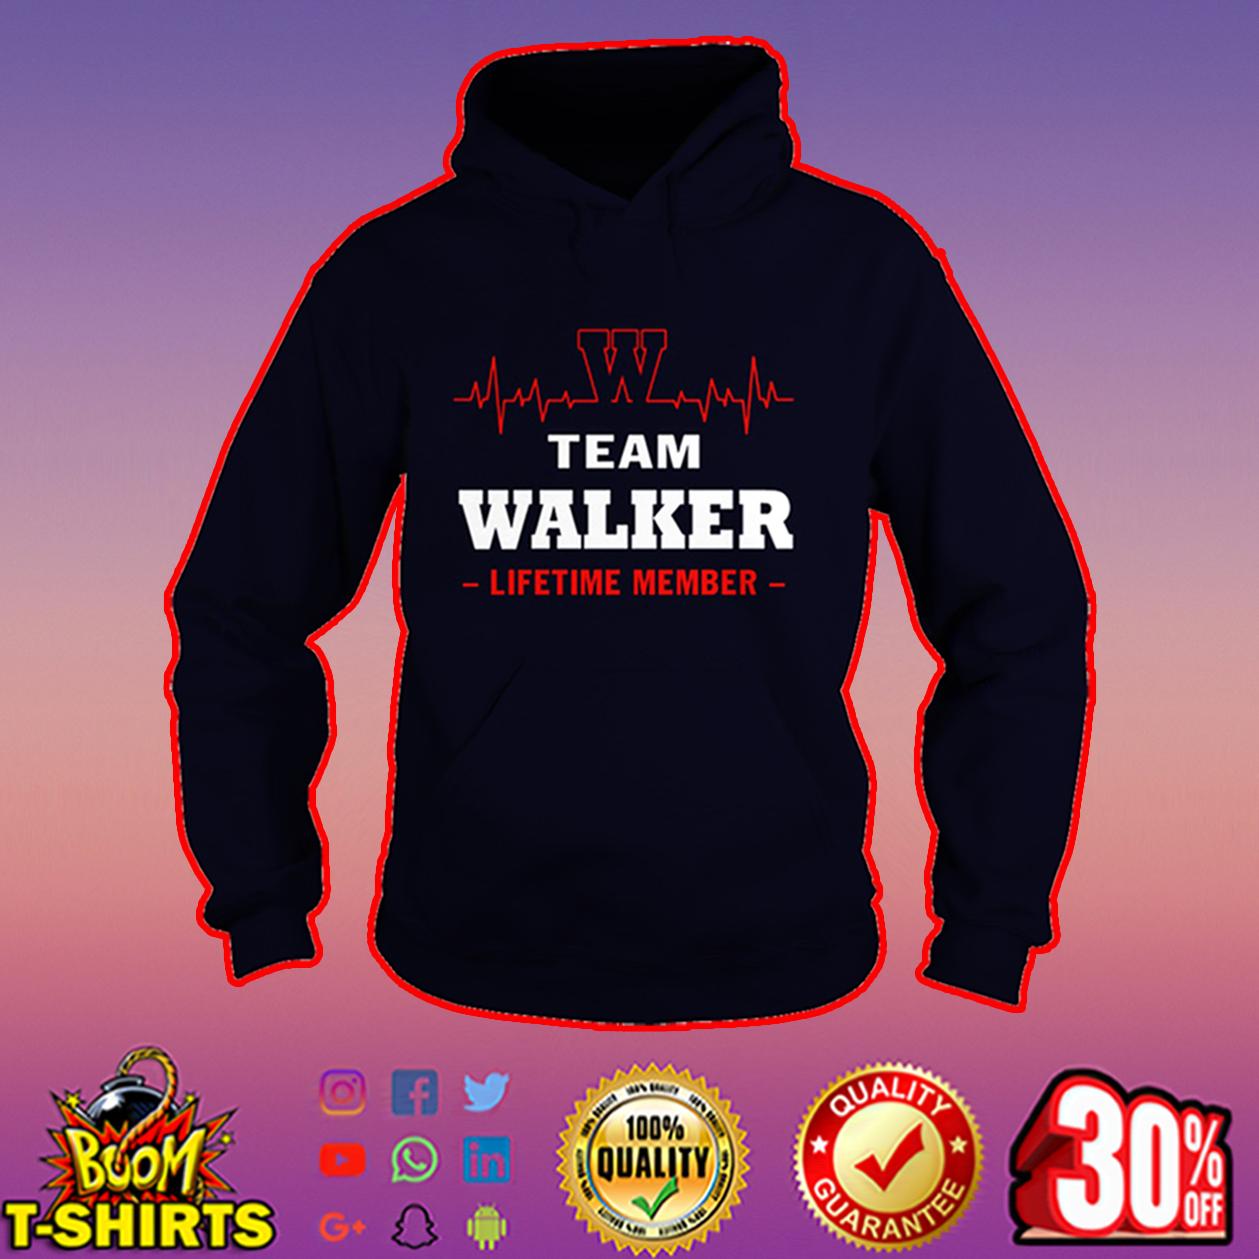 Team Walker lifetime member hoodie